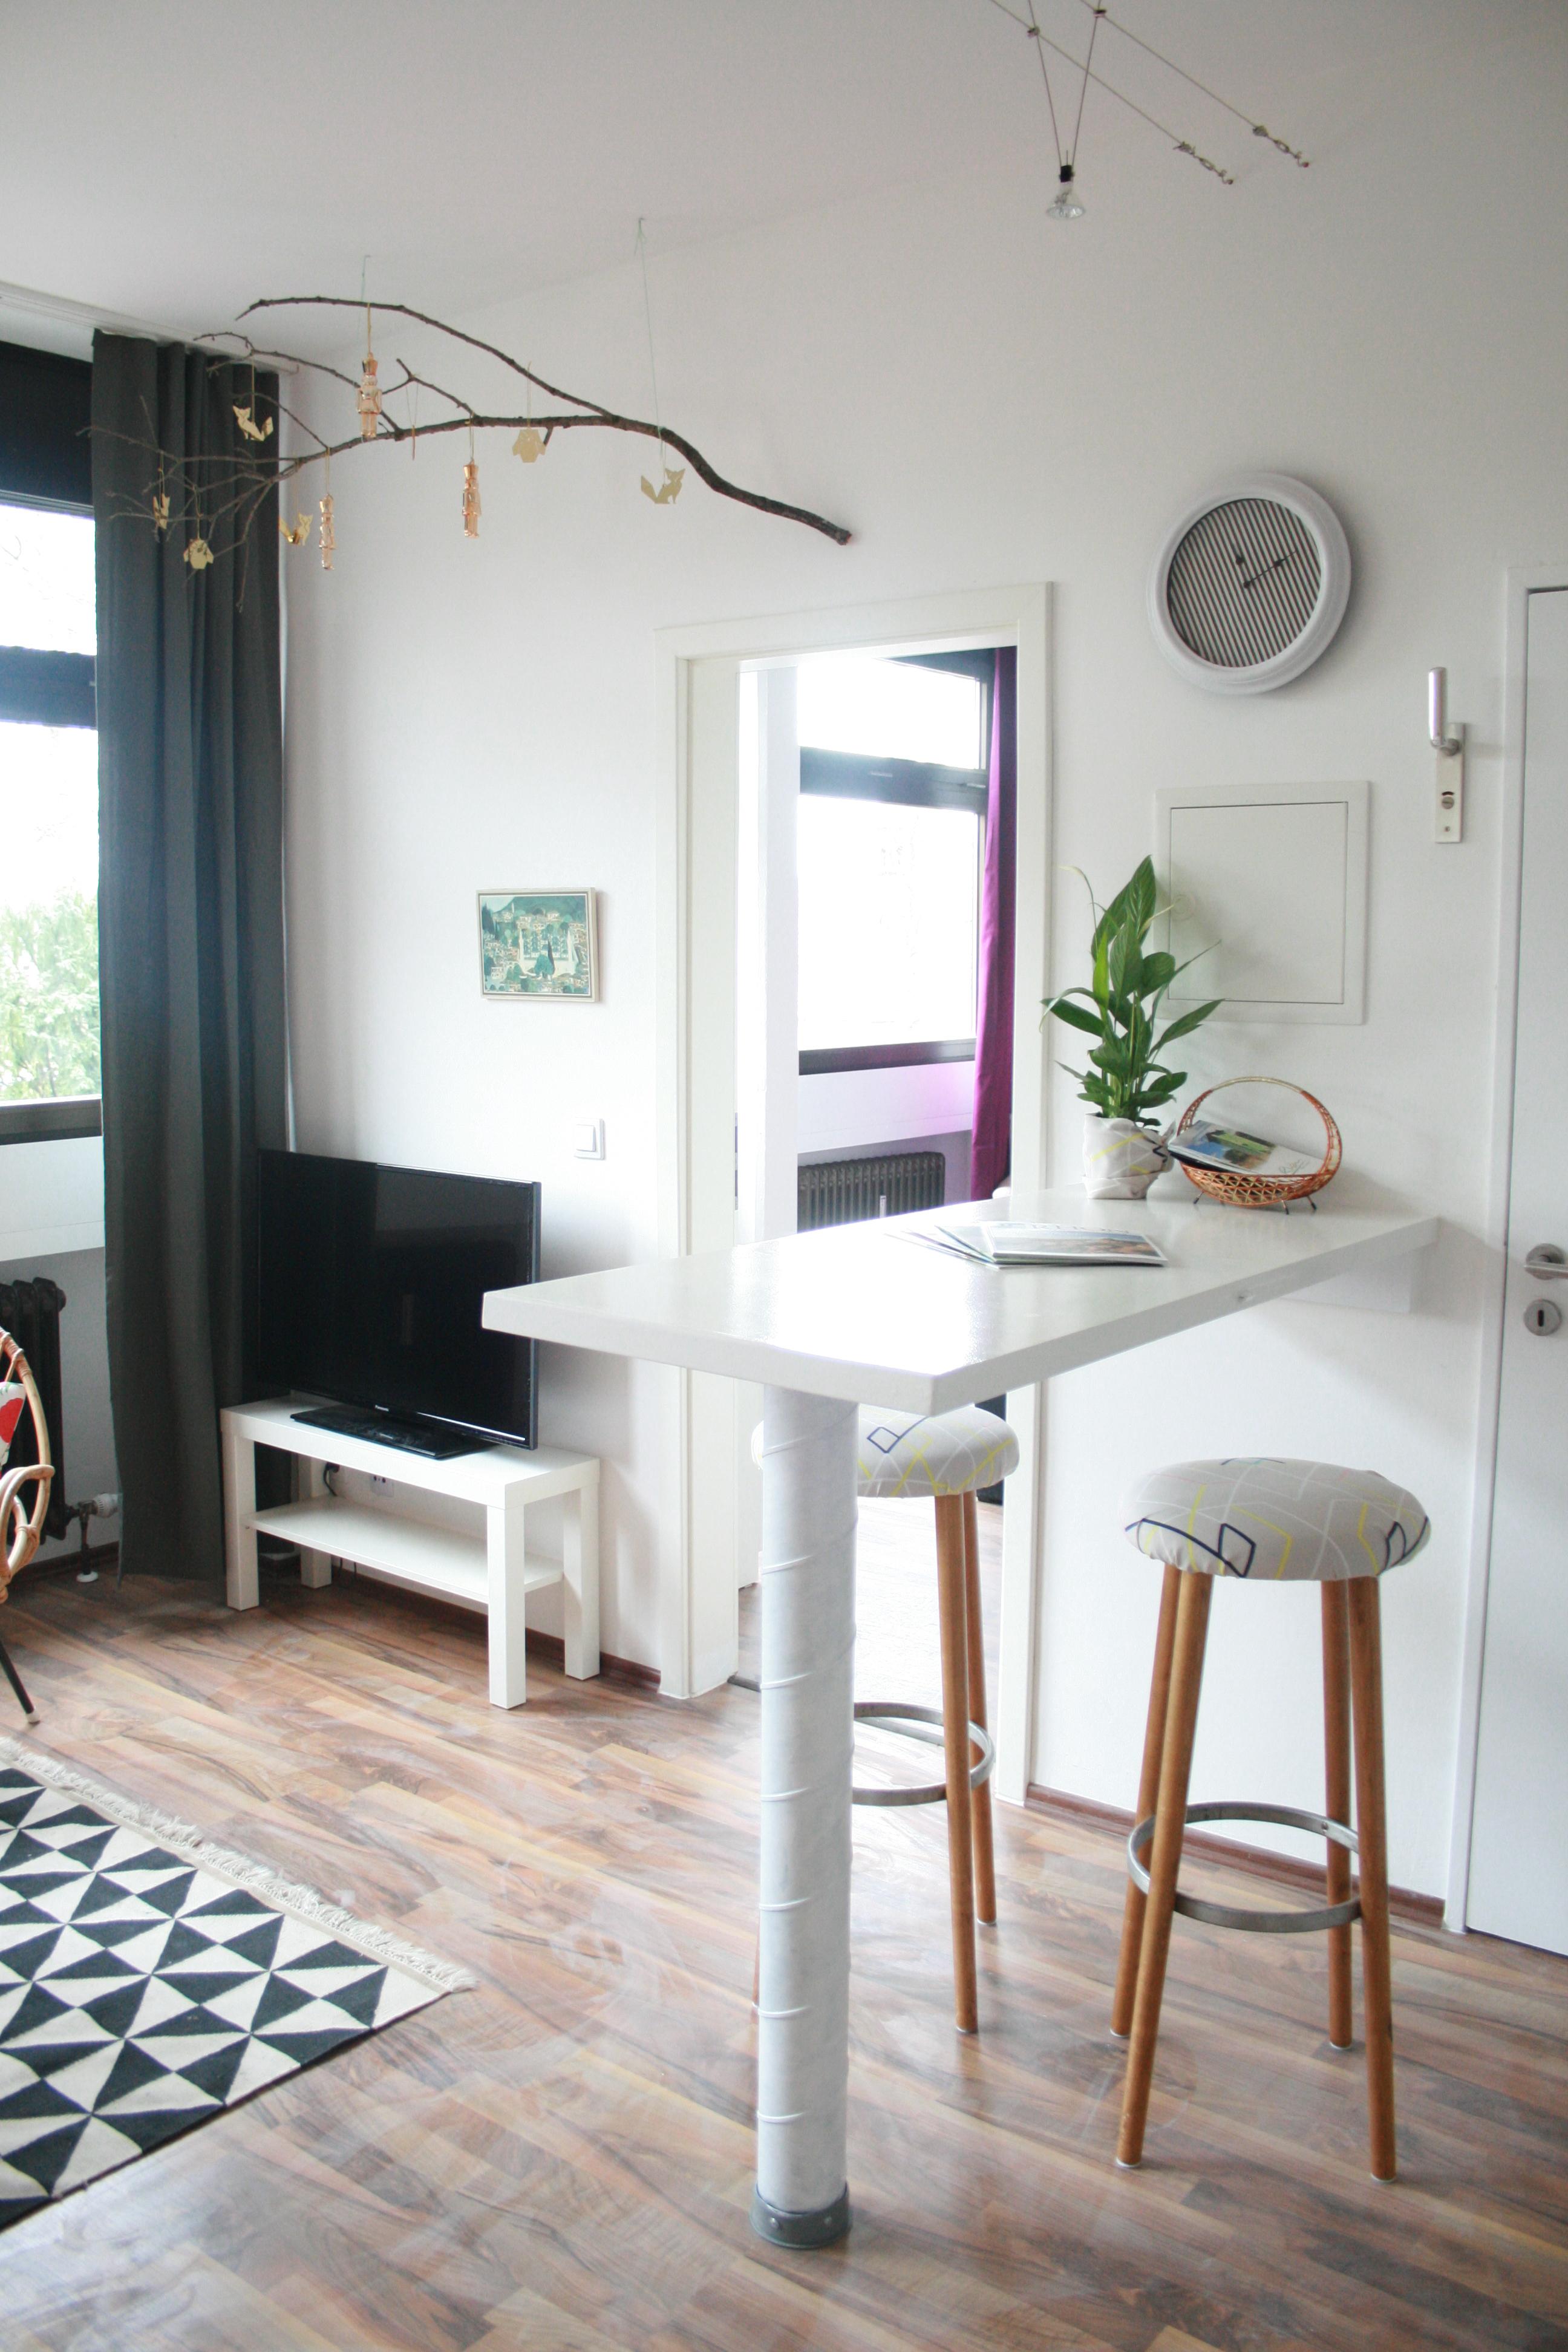 birkenstamm wohnung free birkenstamm wohnung with birkenstamm wohnung affordable medium size. Black Bedroom Furniture Sets. Home Design Ideas